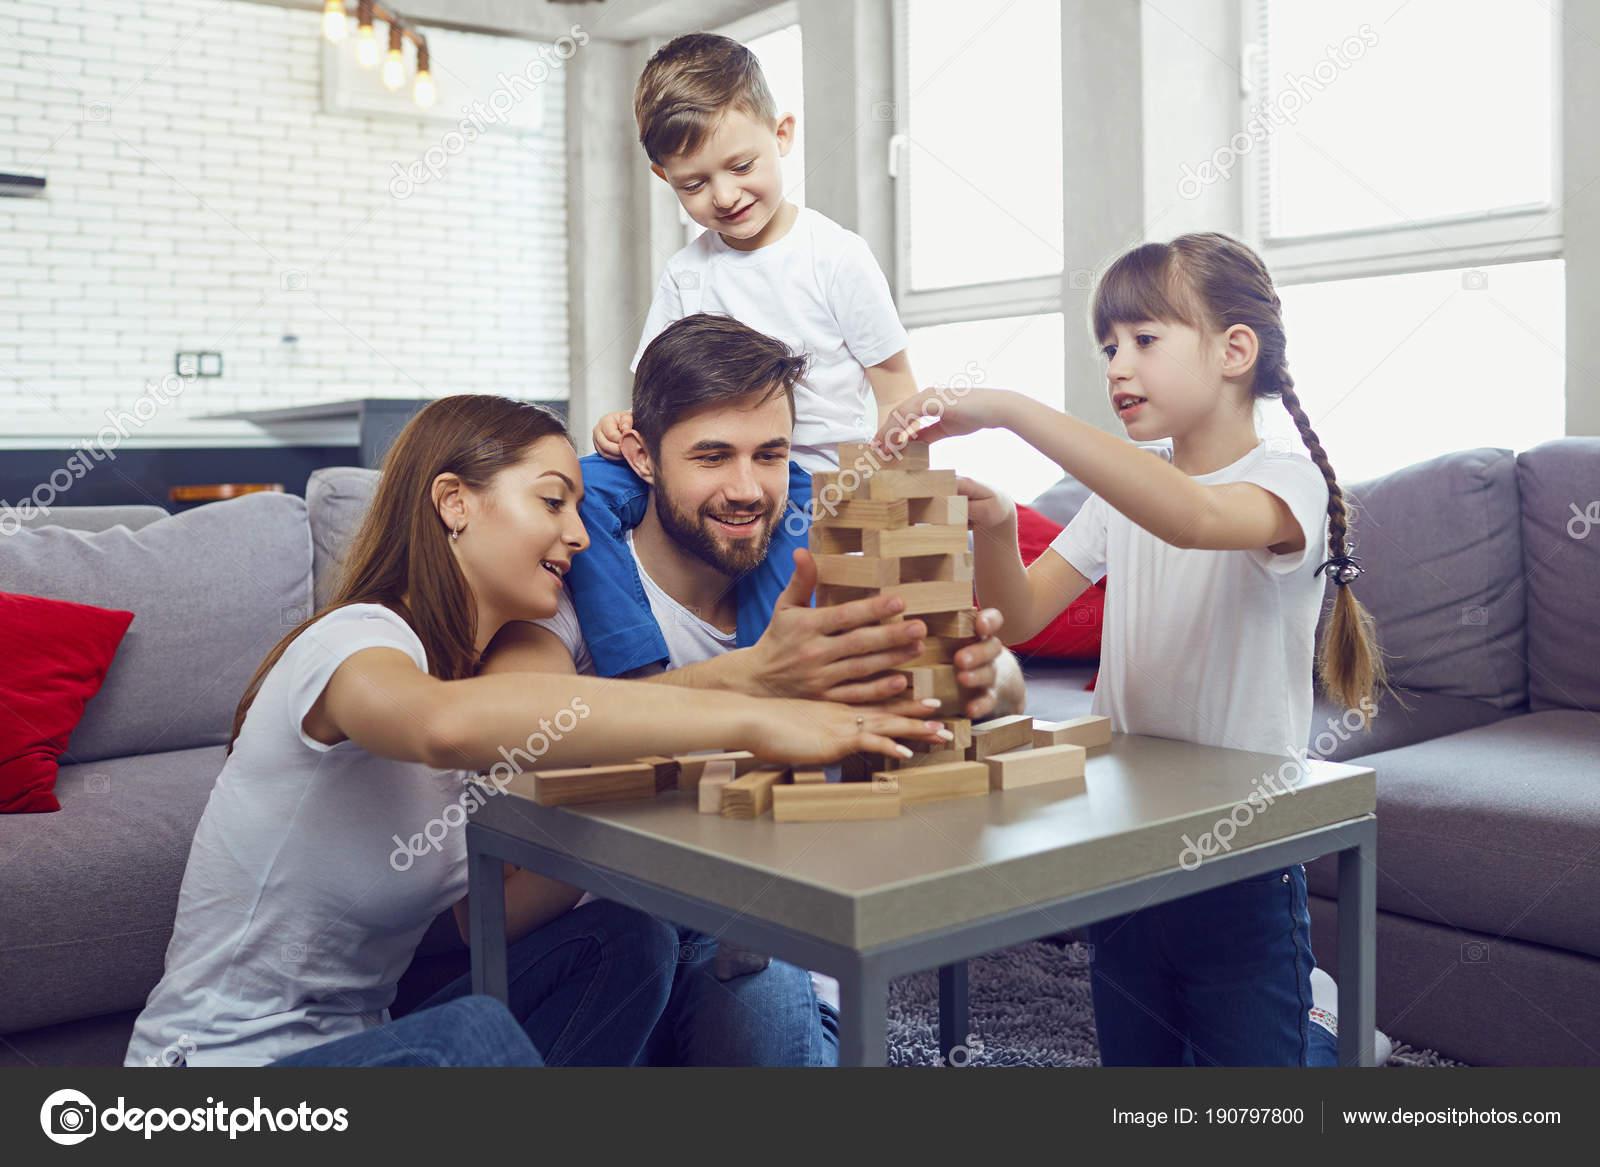 Juegos De Mesa En Casa De Familia Feliz Fotos De Stock C Lacheev